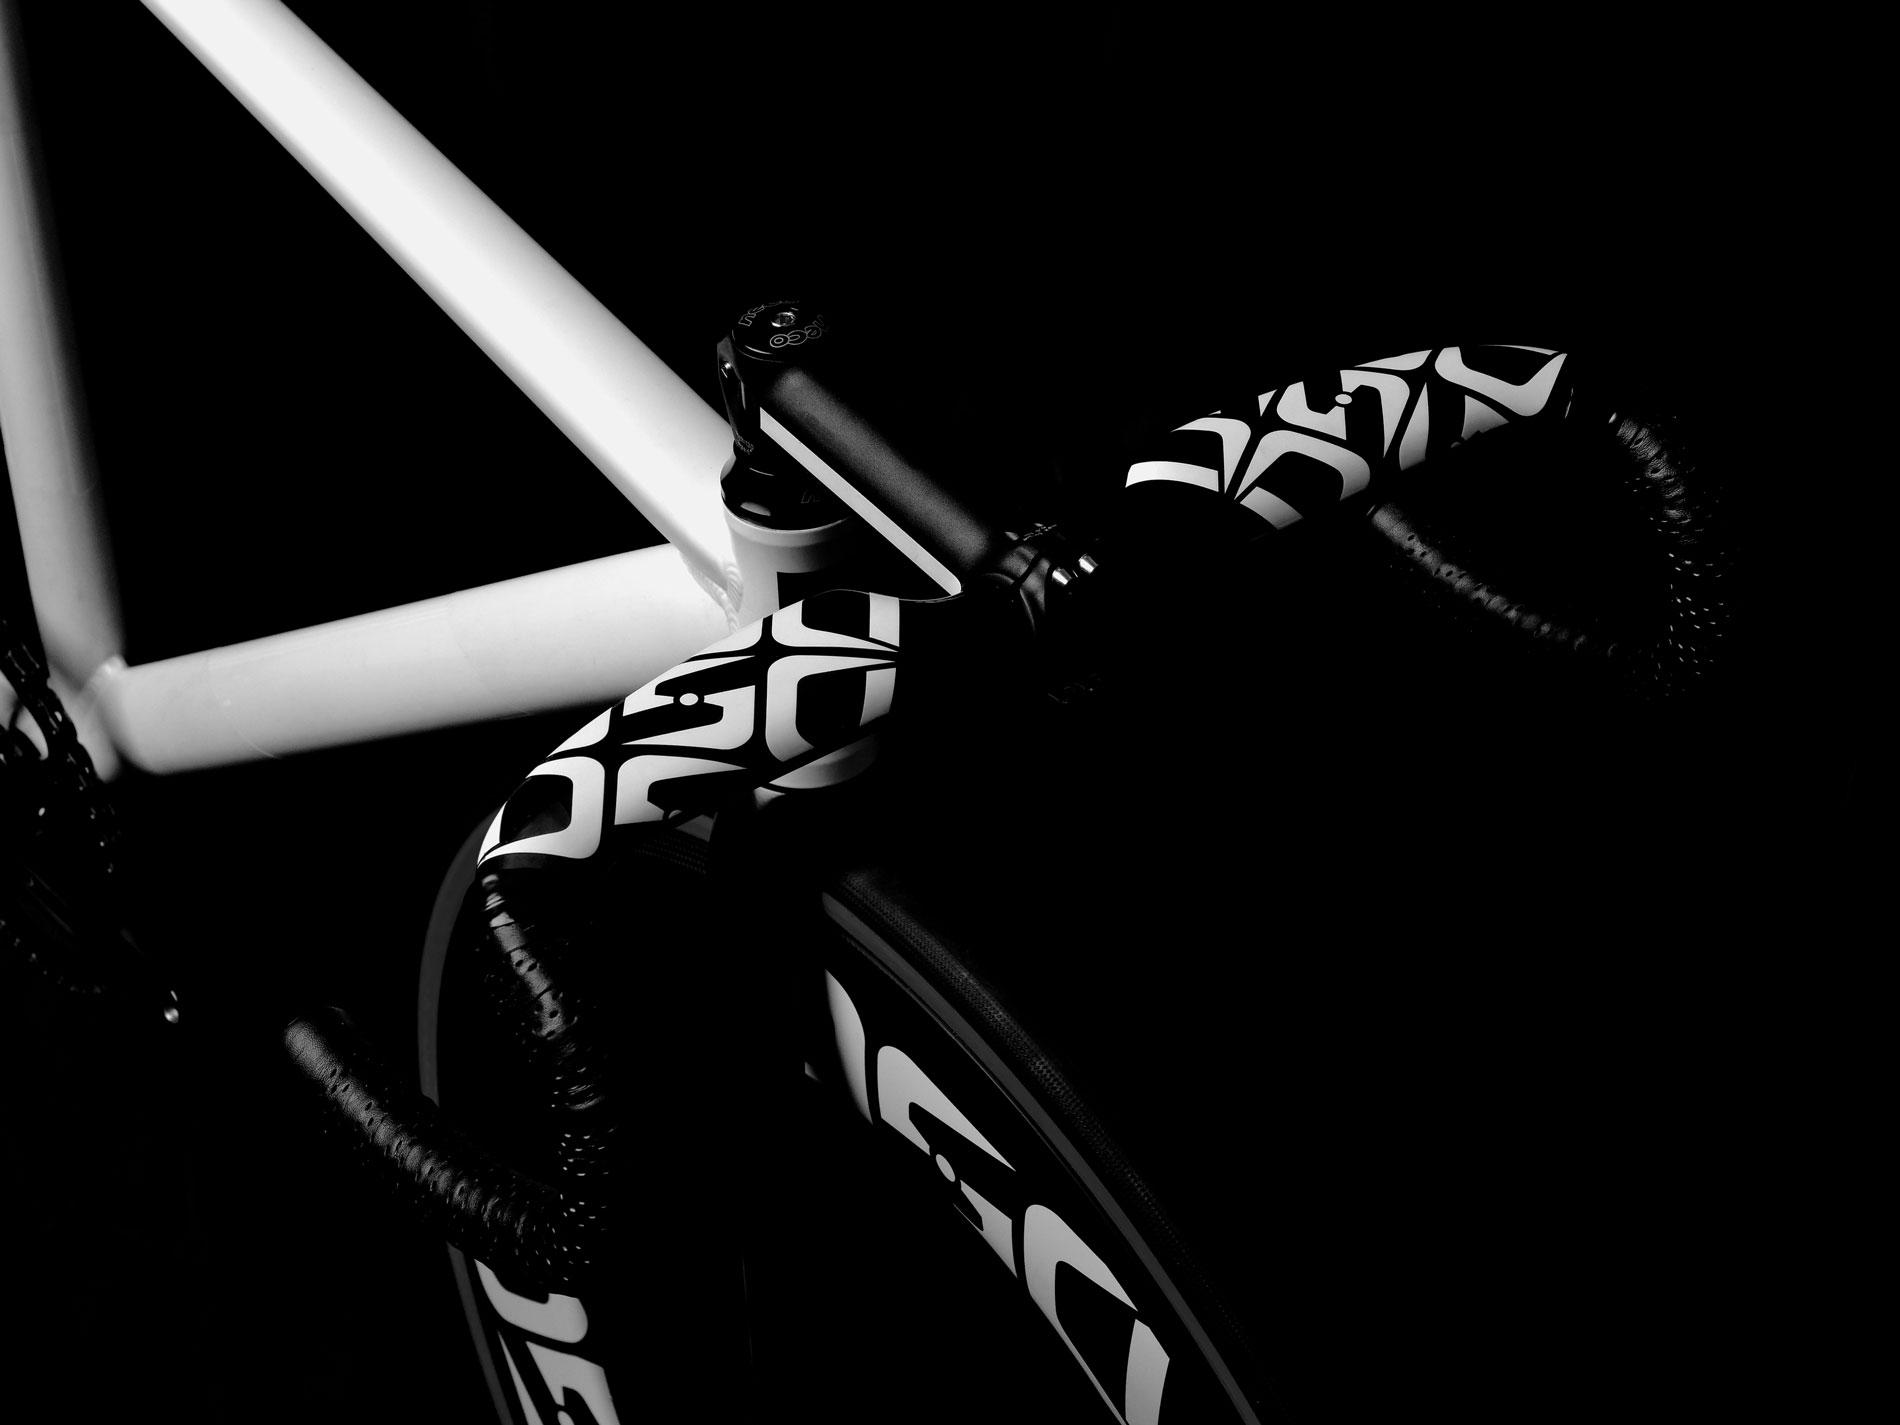 _4130051-Kingdom-DSD-Race-Bike.jpg